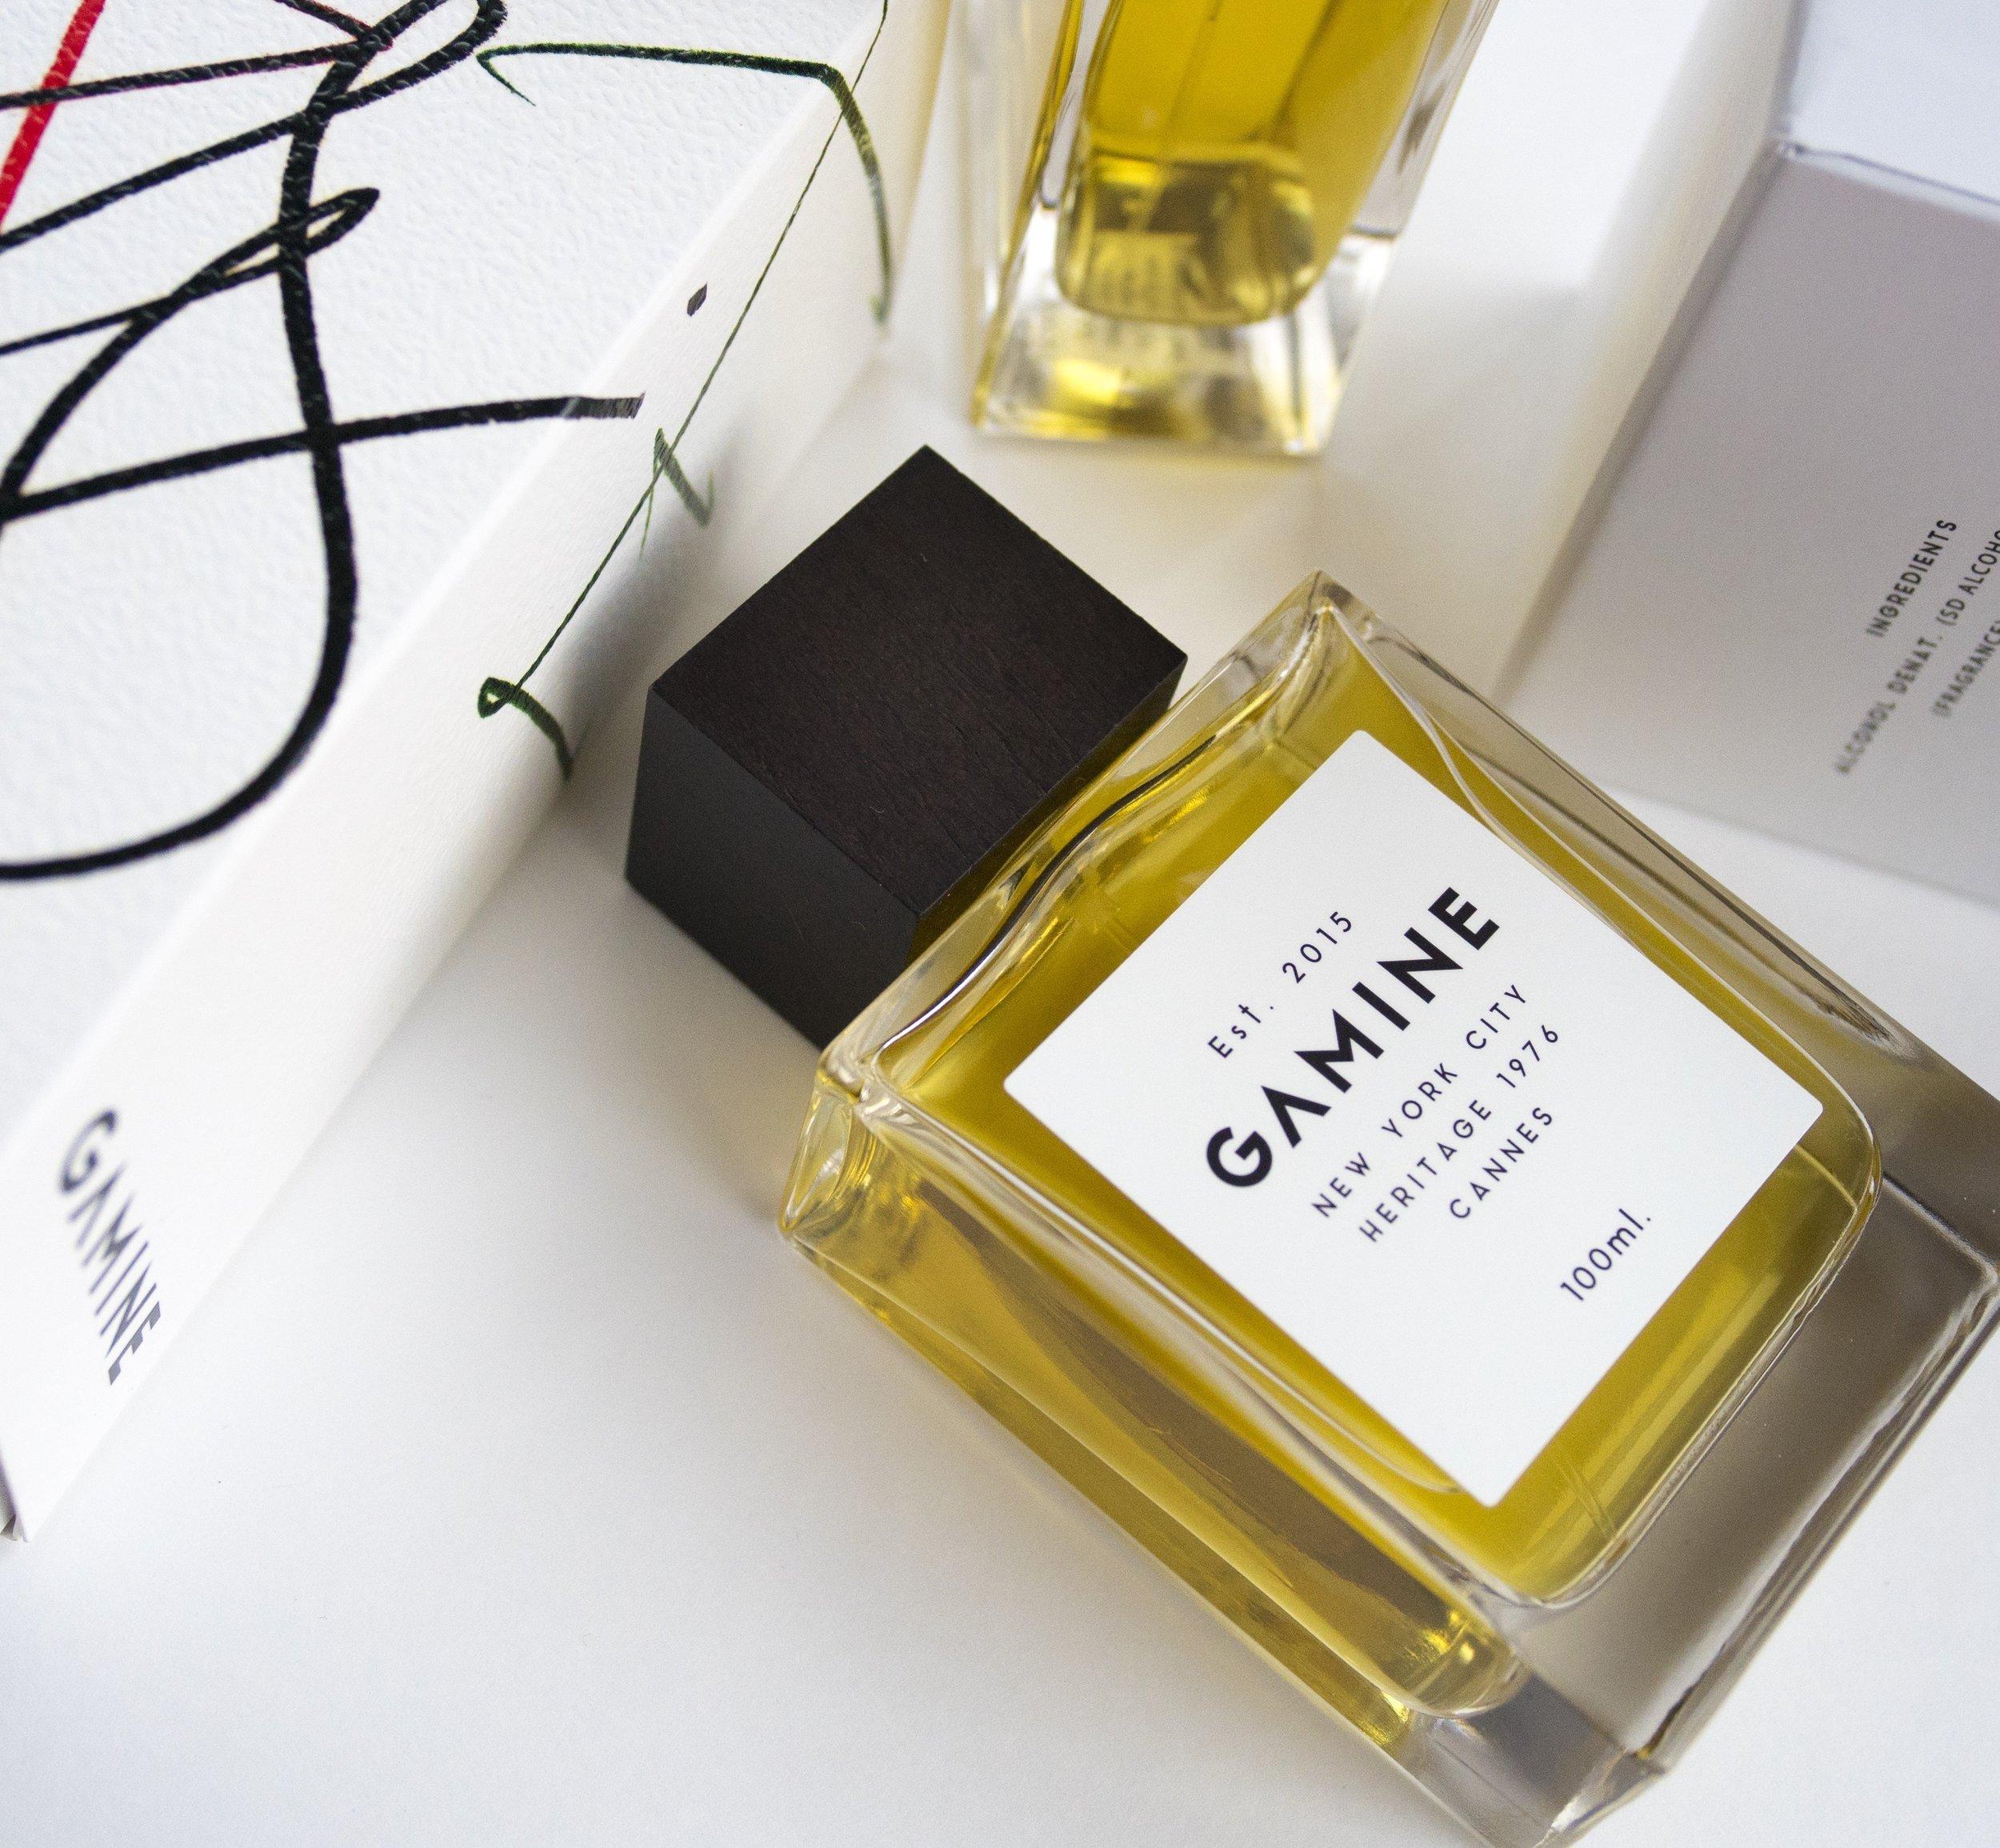 100ml Eau De Parfum Gamine Parfums New York City Paris Fragrance